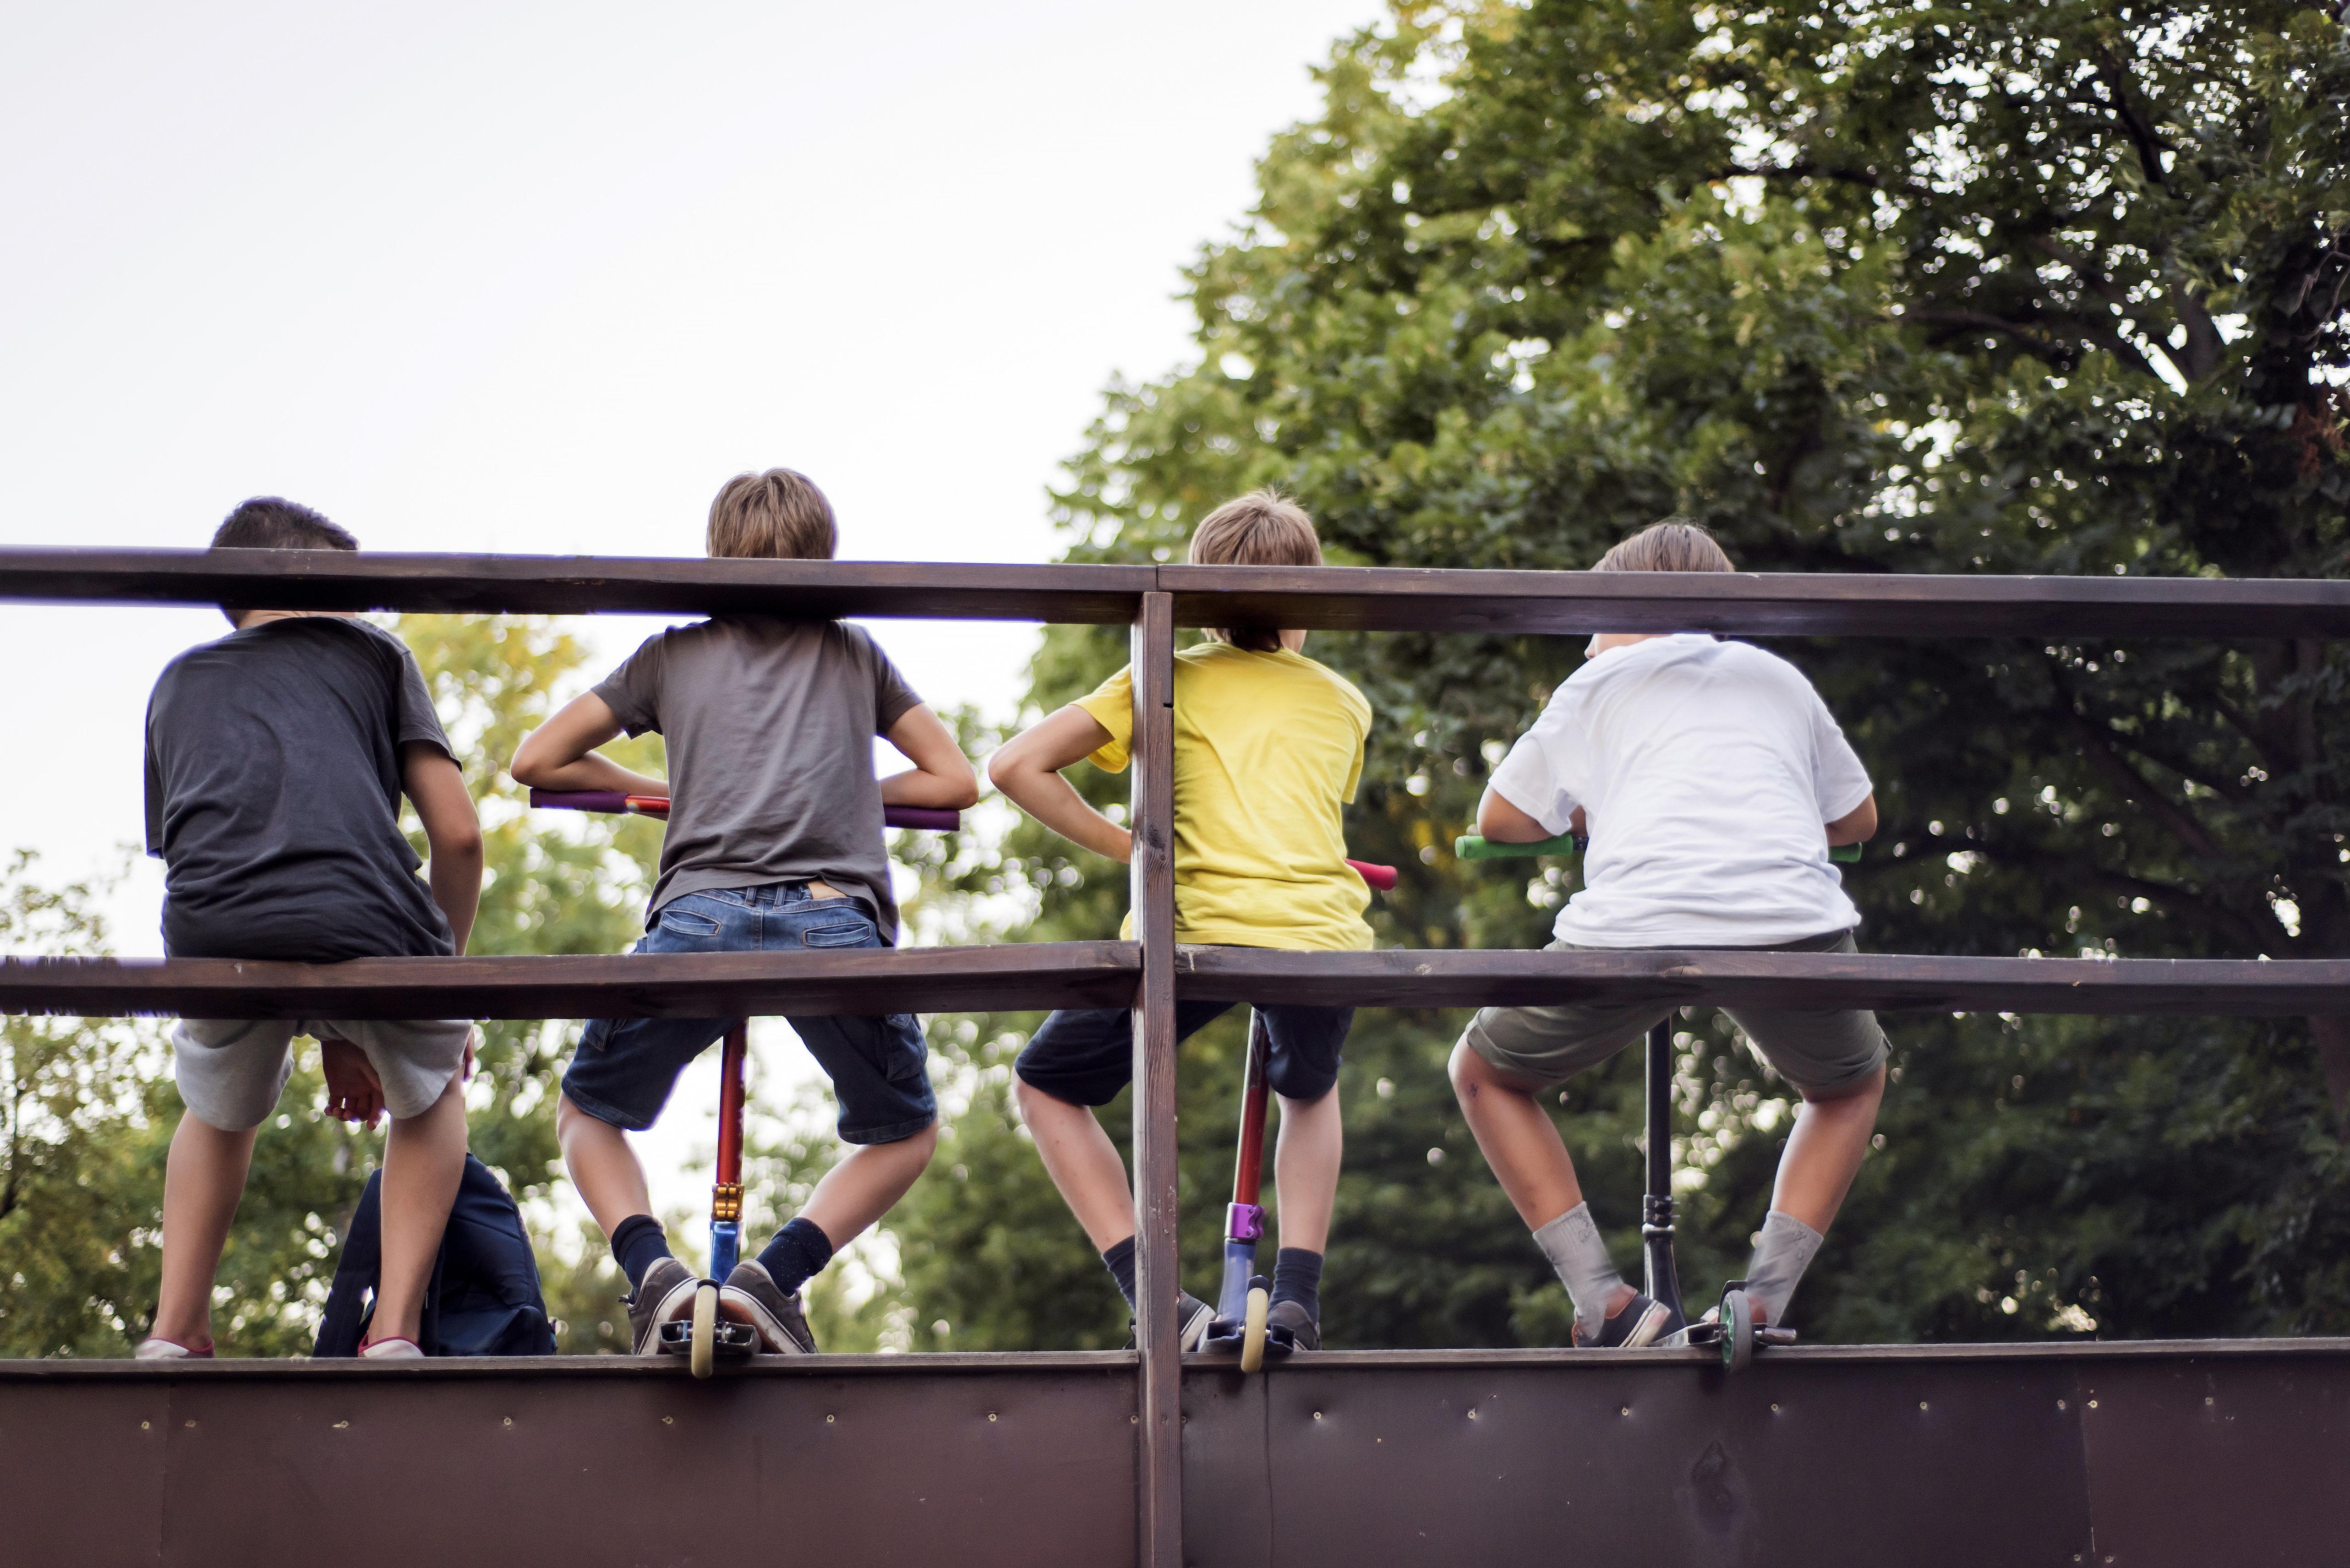 Schule verbietet Jungs, in Shorts zu kommen – erlaubt ihnen aber eine luftige Alternative